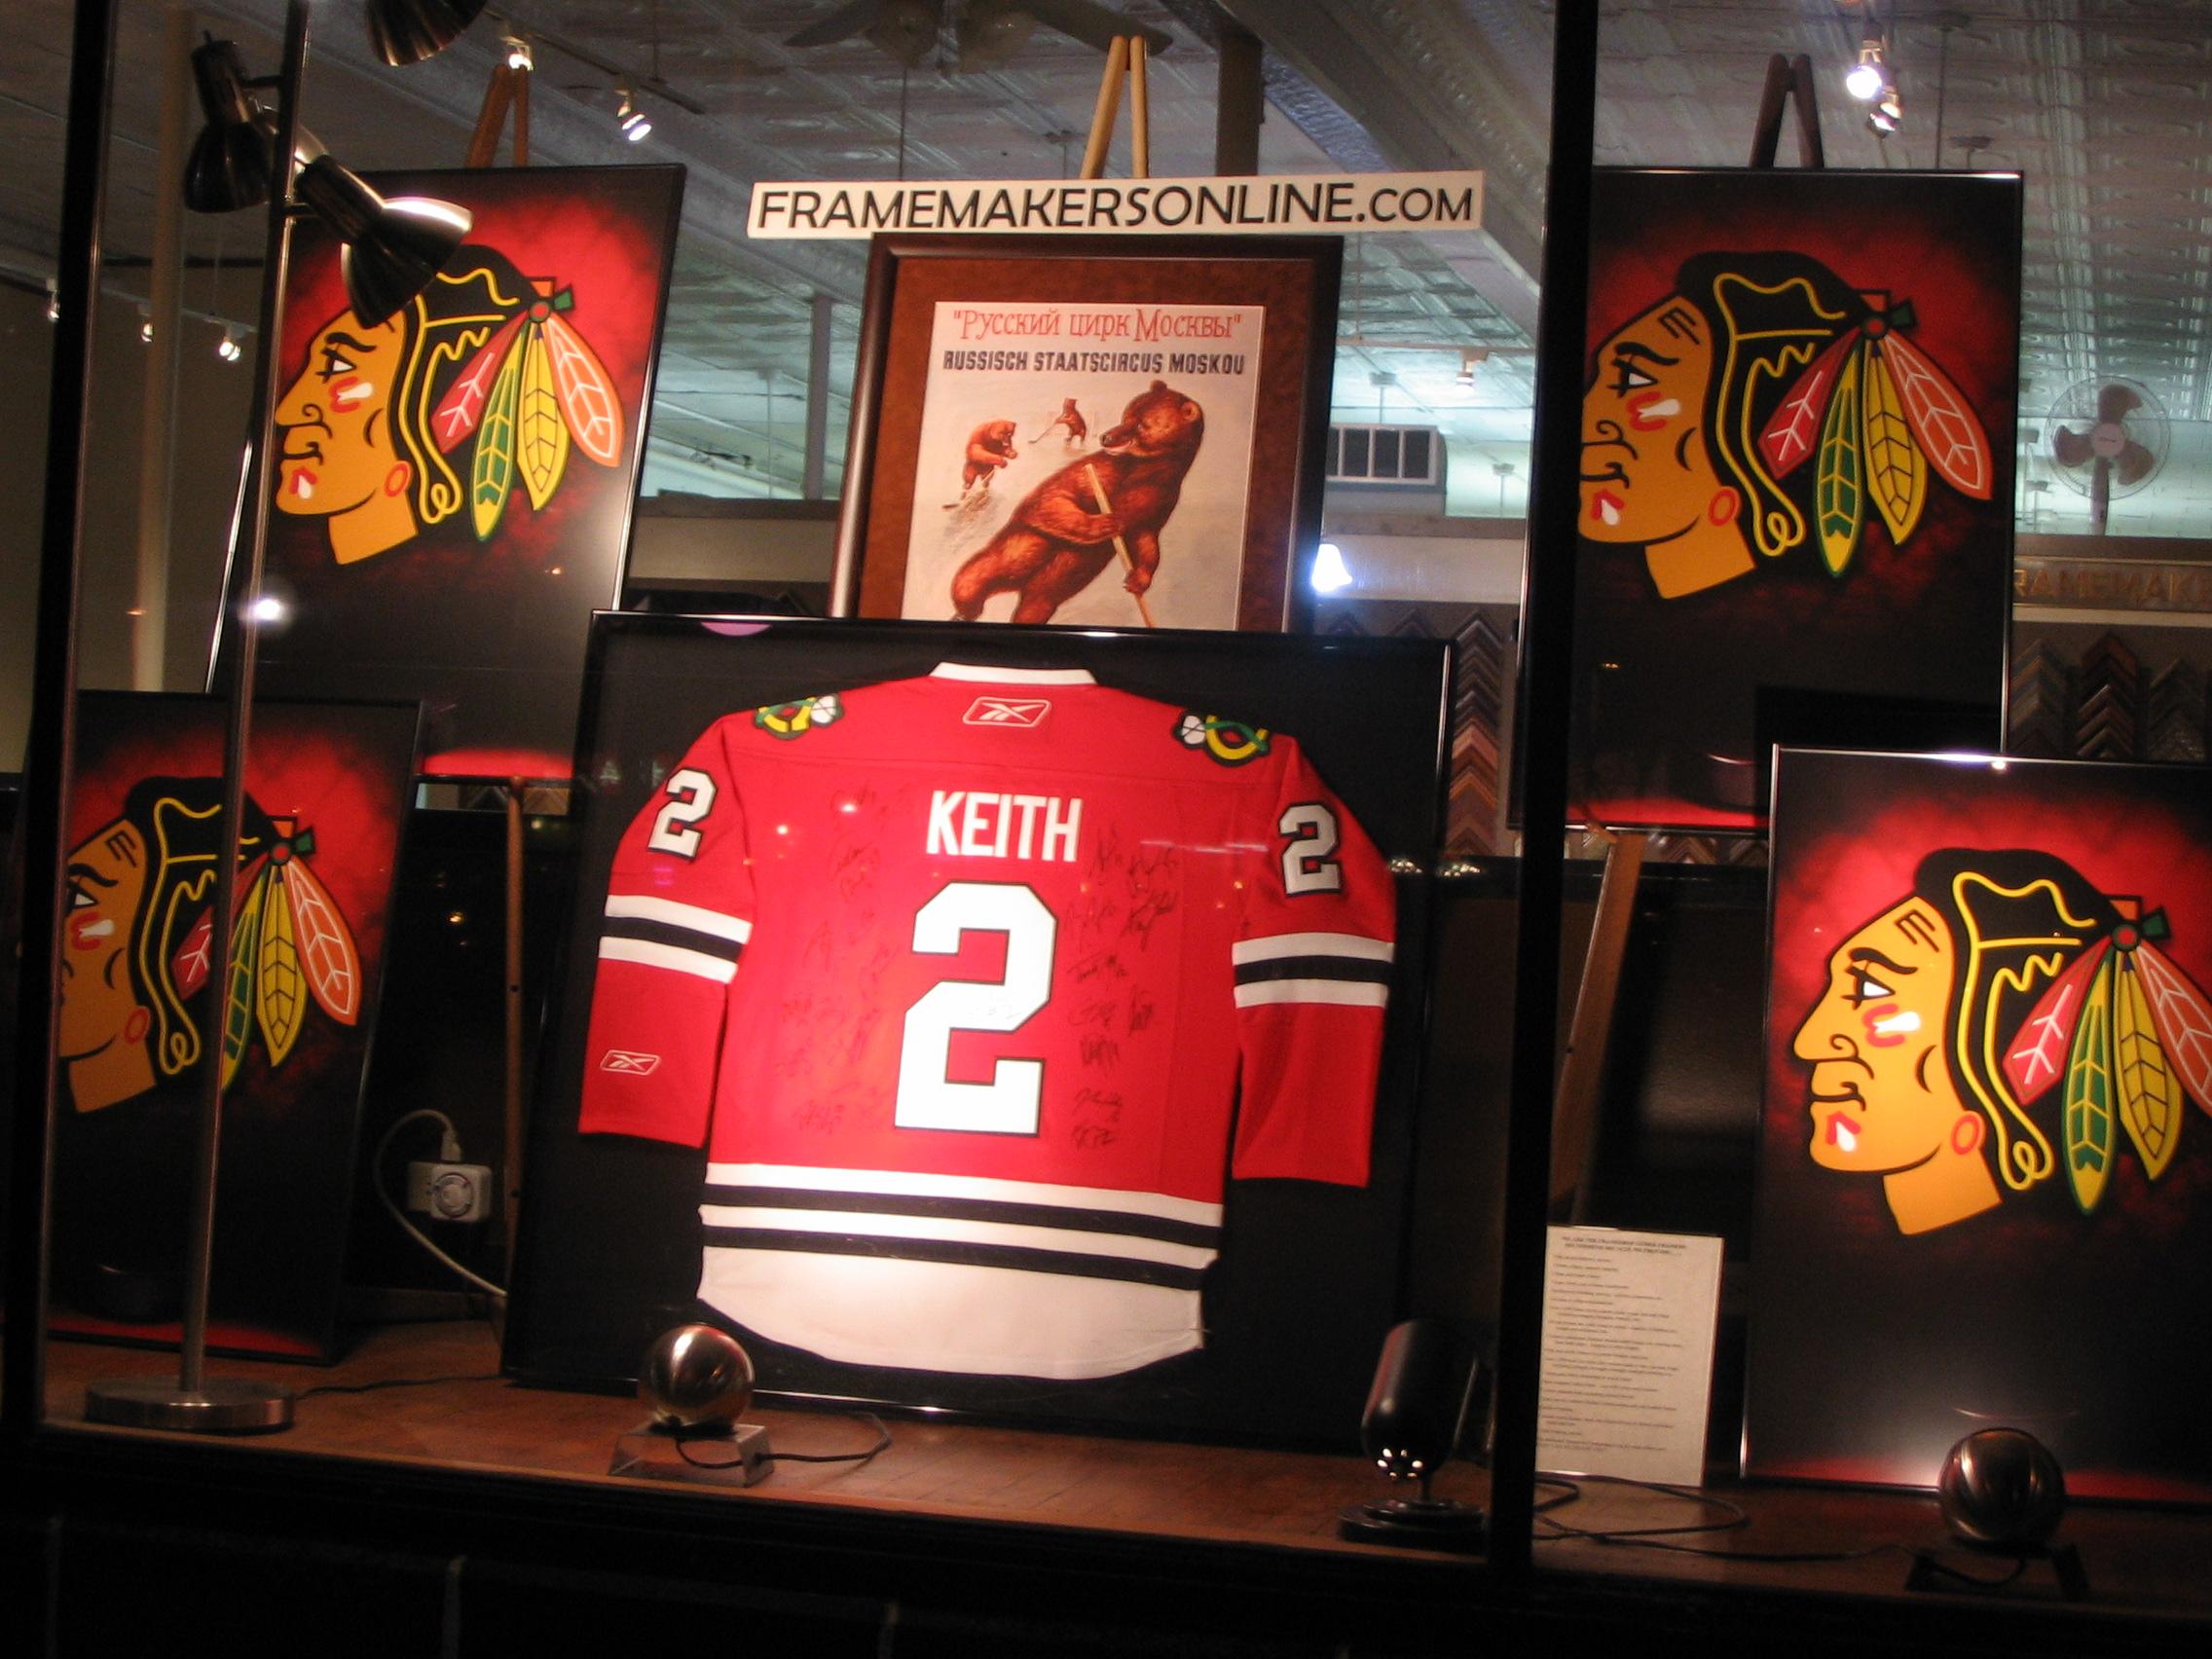 Chicago Blackhawks framed by The Framemakers